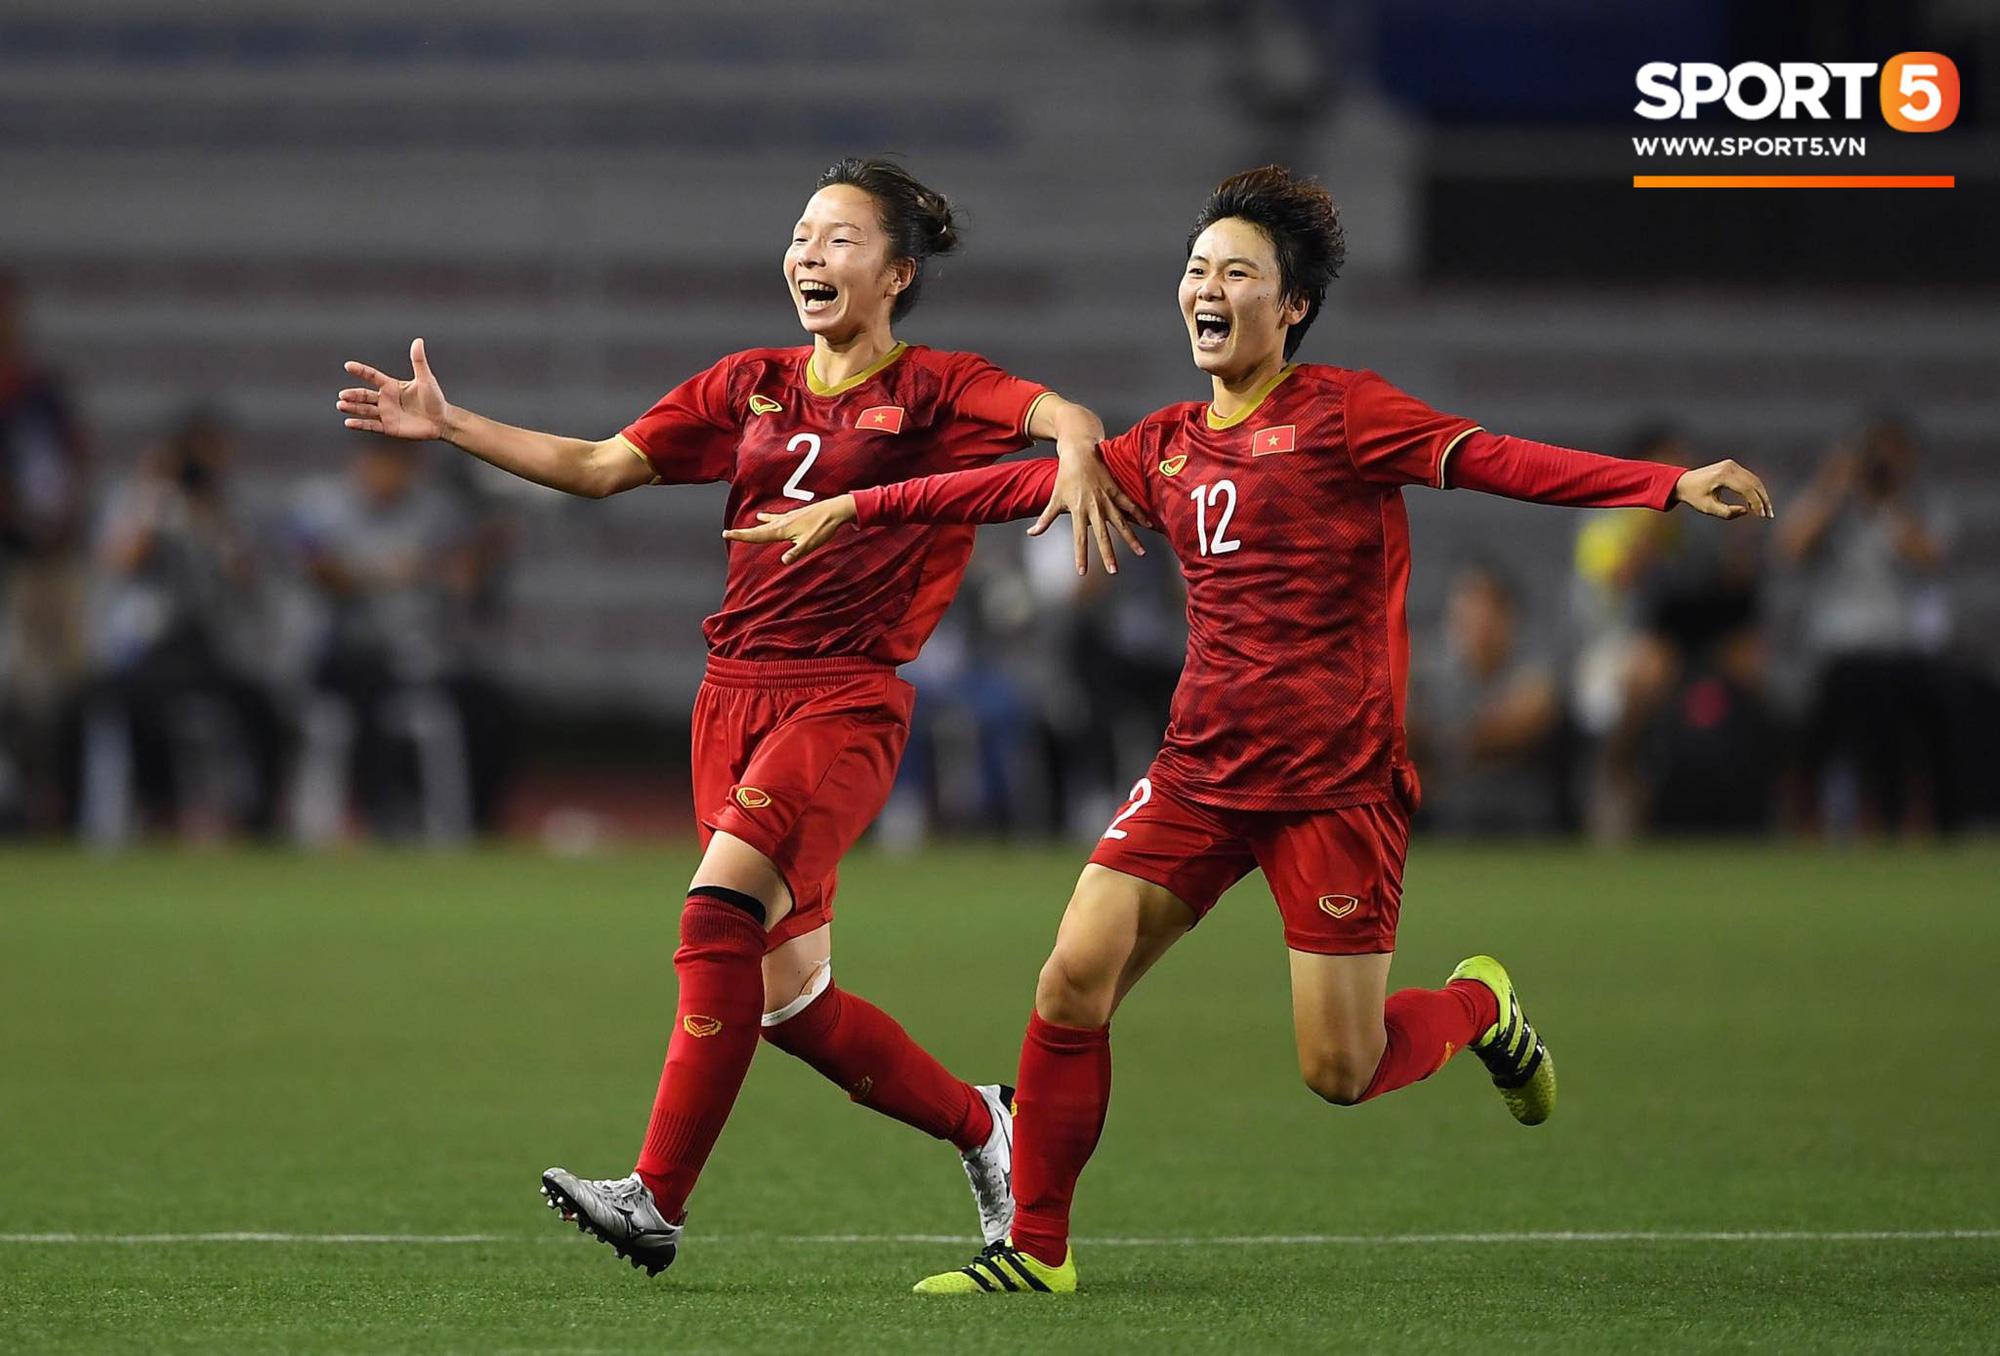 SEA Games ngày 8/12: Nữ hoàng điền kinh Tú Chinh vượt 2 VĐV nhập tịch trong tích tắc, xuất sắc giành HCV chung cuộc - Ảnh 2.